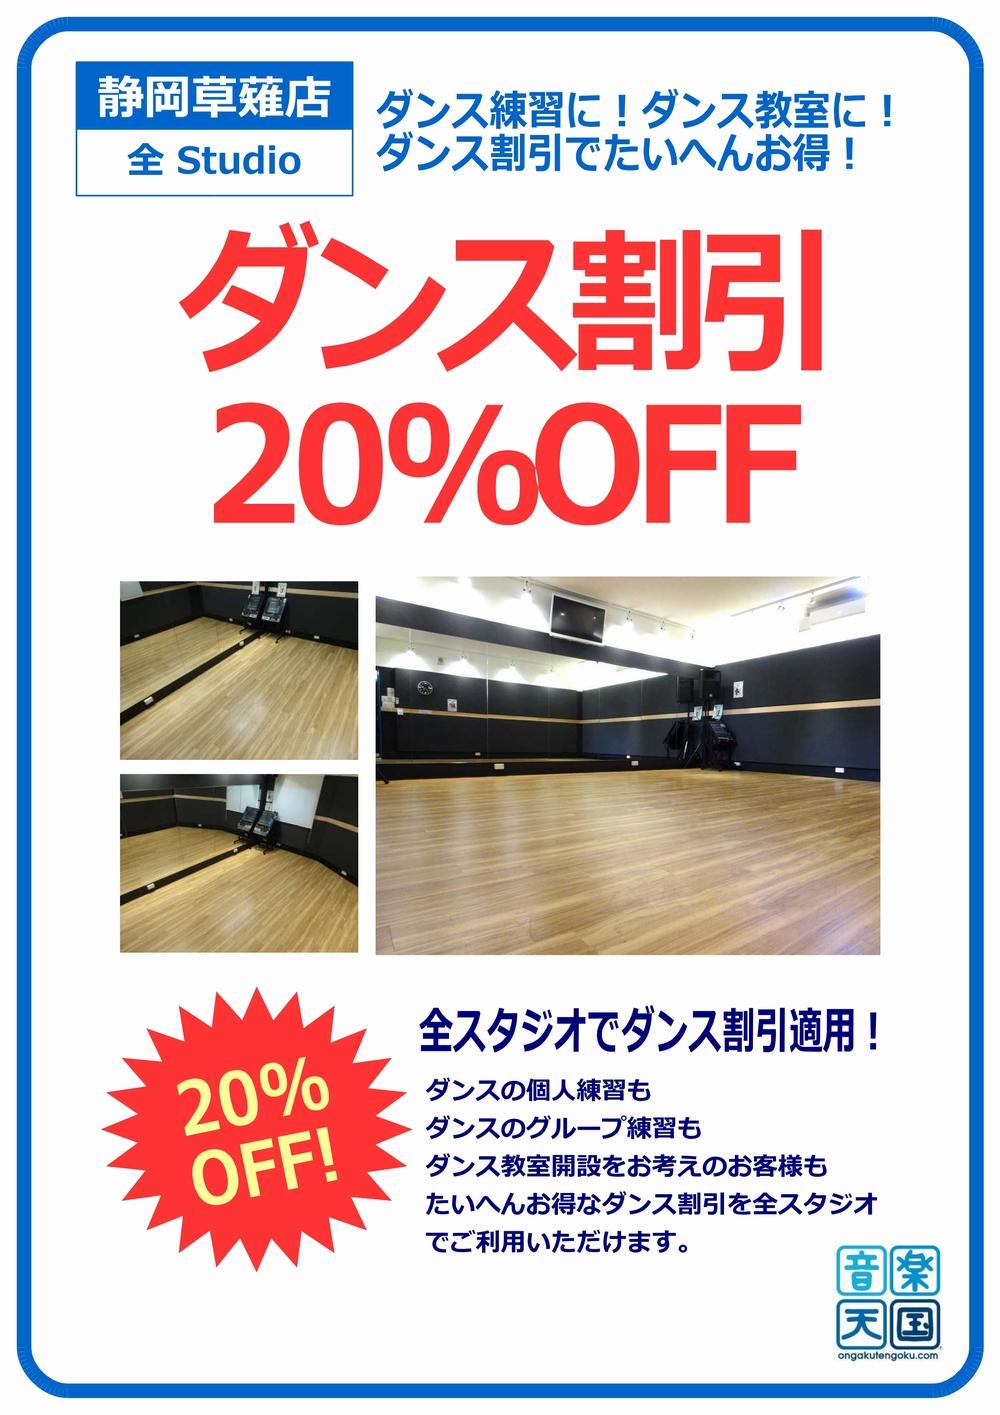 音楽天国・静岡草薙店ダンス割引